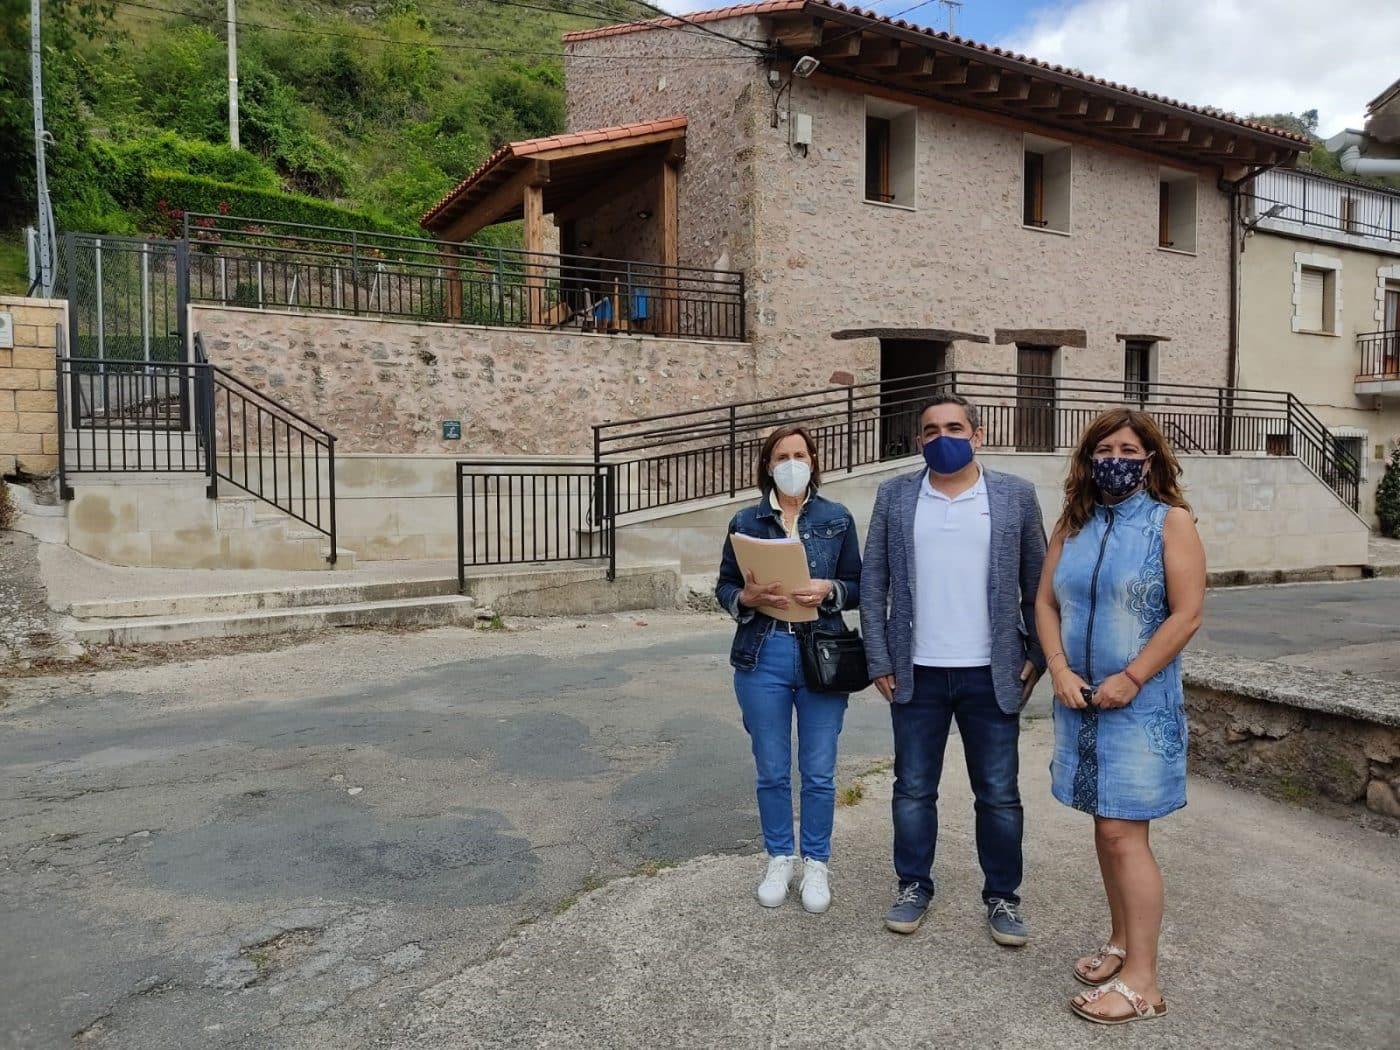 El Gobierno riojano invierte 560.000 euros en Berceo, San Millán, Estollo, Cirueña y Villarejo 2